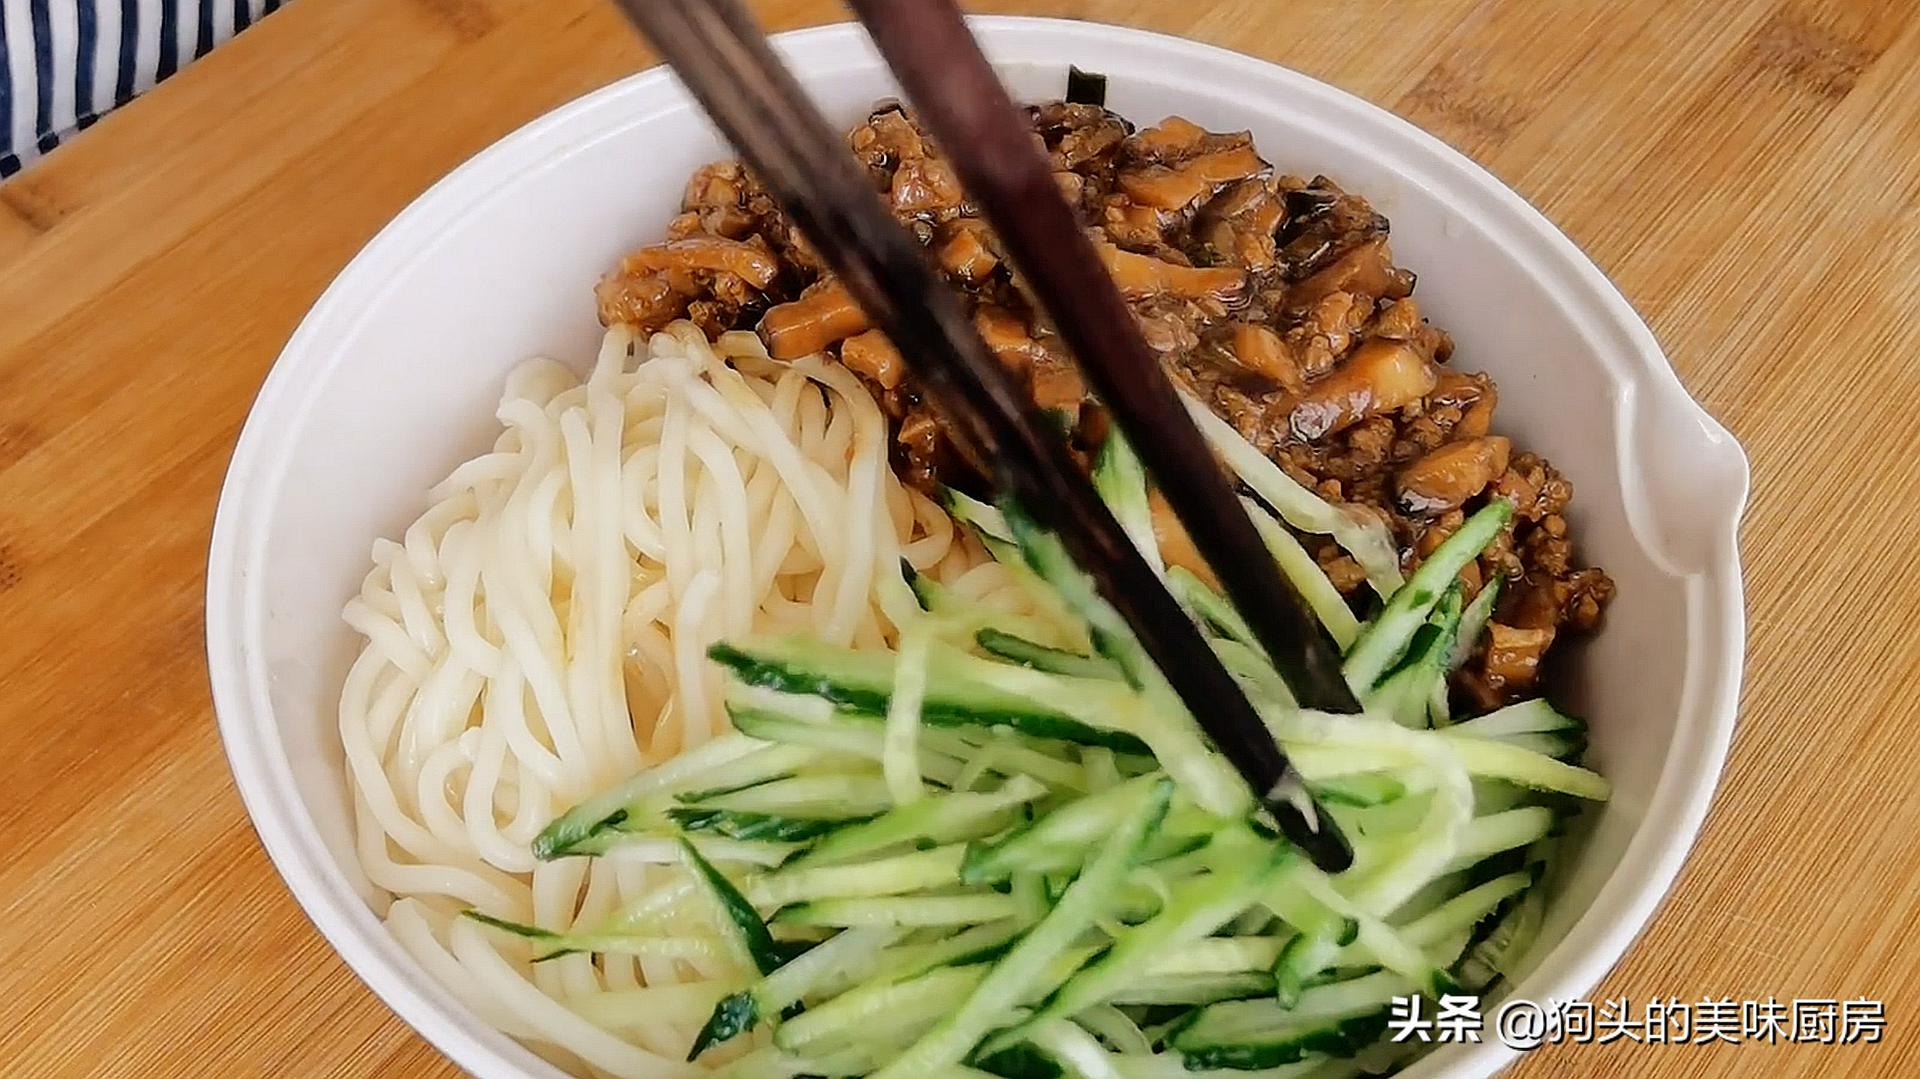 最近嘴馋没少吃它,入锅煮一煮,浇上料汁一拌,开胃又解馋 美食做法 第13张